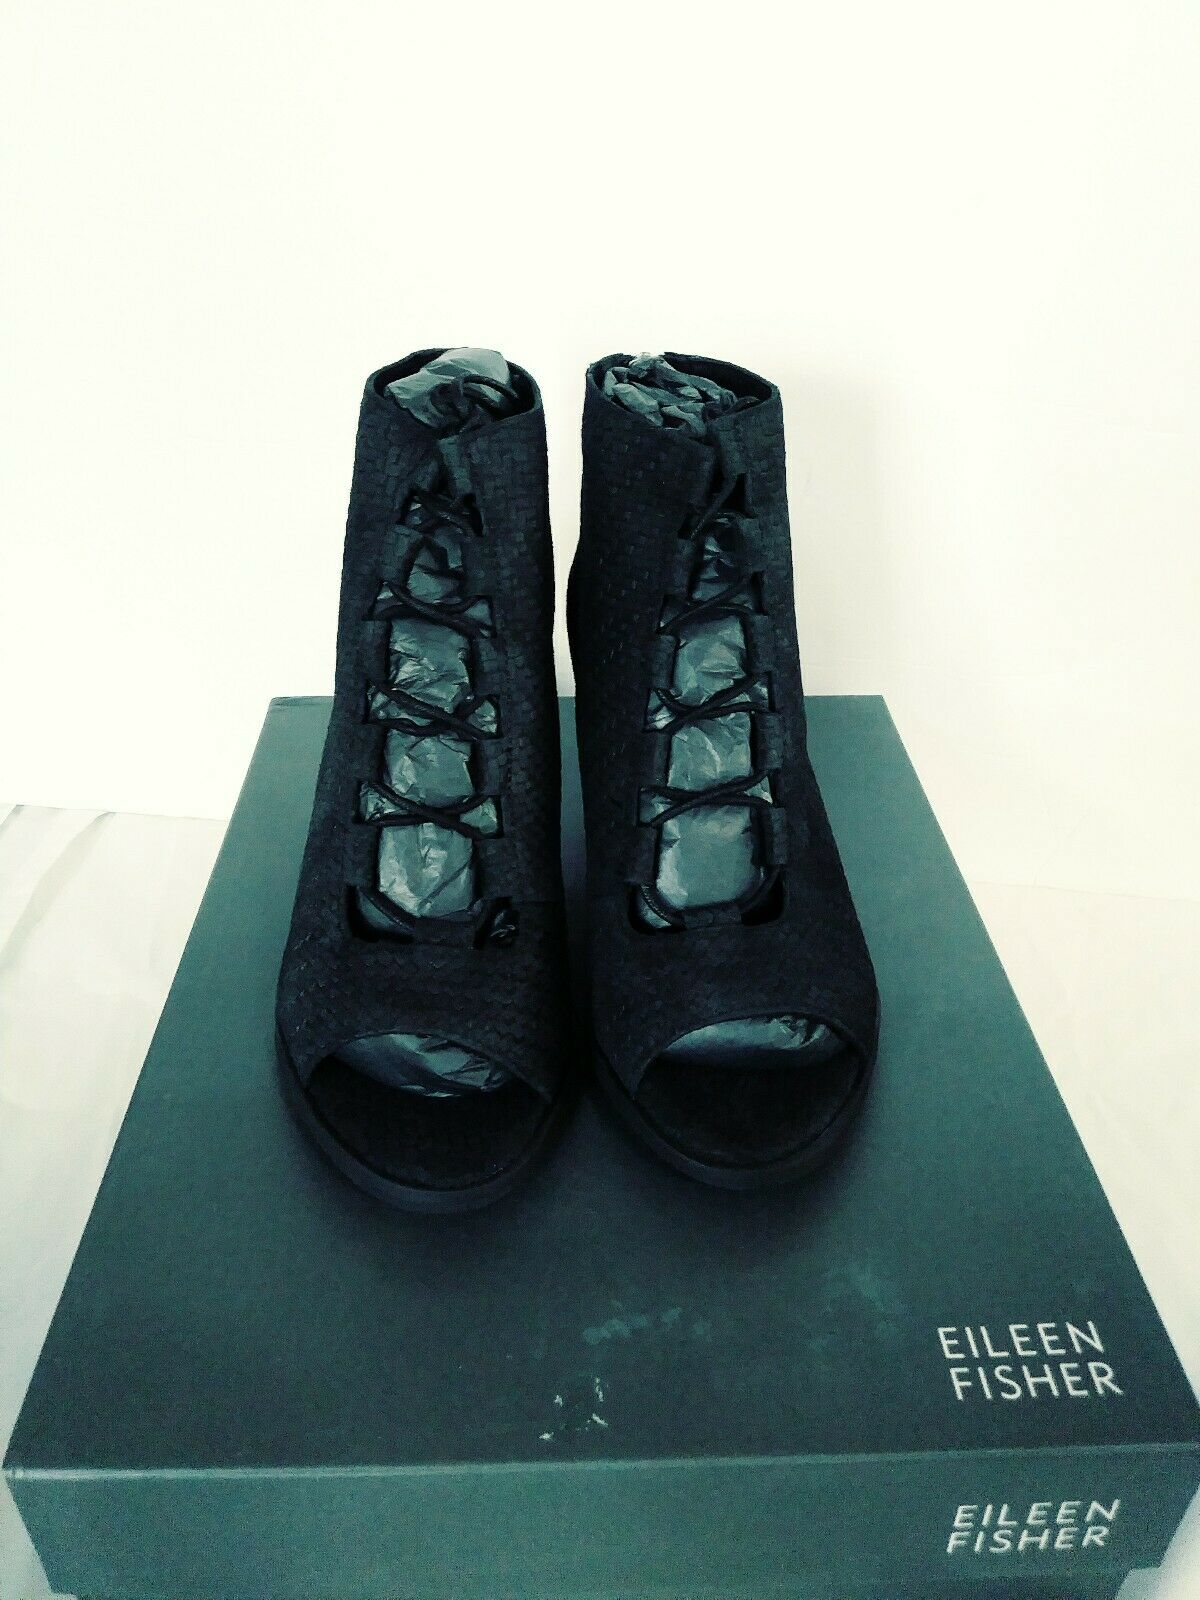 Eileen Fisher Ciénaga Encaje Negro Gamuza y botines con cremallera en la espalda